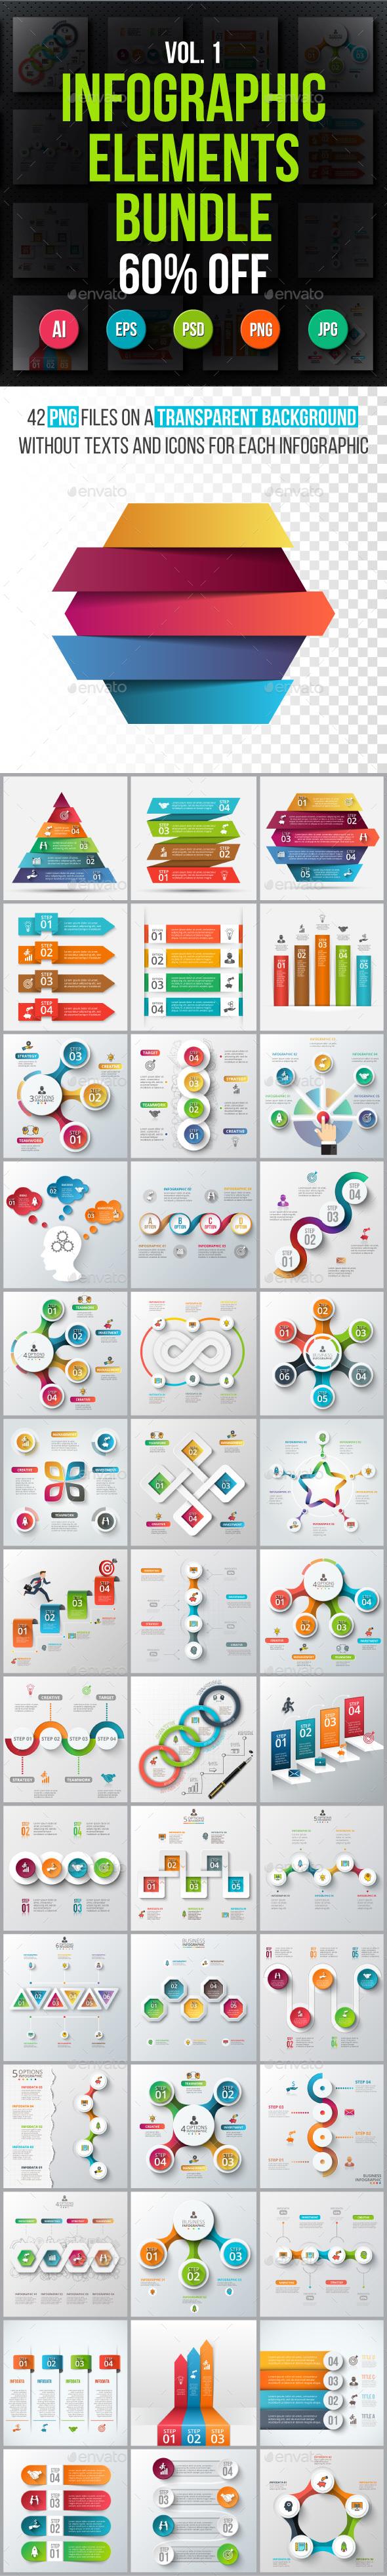 Infographic elements bundle v.01